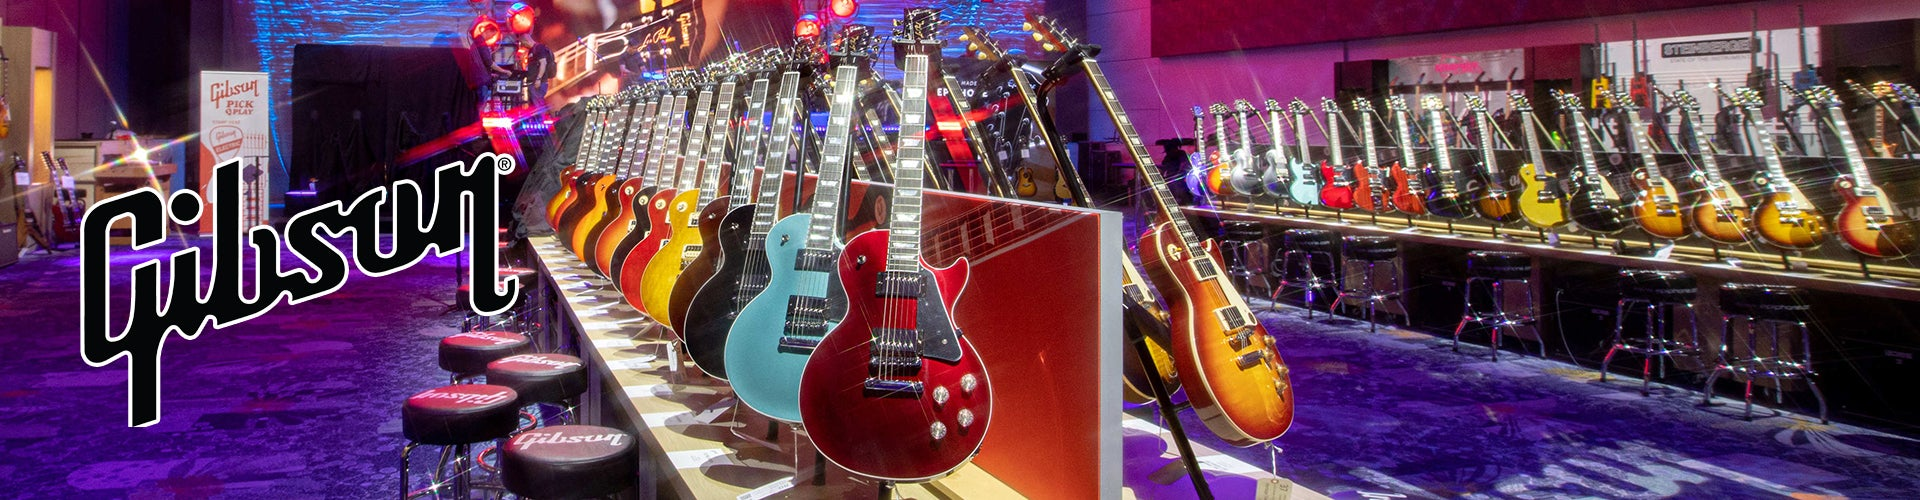 Gibson guitars at Sam Ash